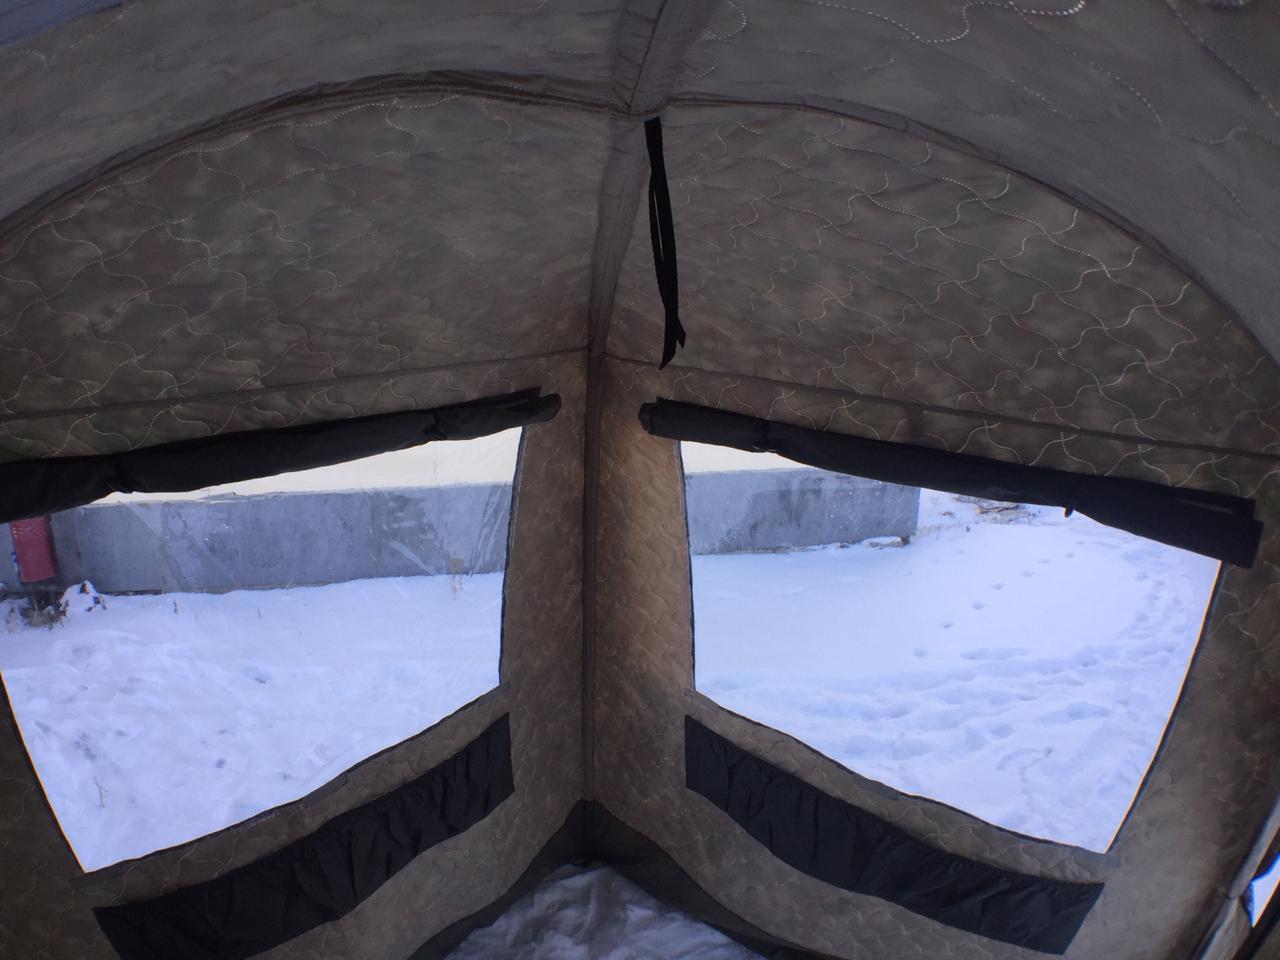 Зимняя беседка (44 фото): теплые конструкции из газоблоков с печкой, оформление внутри, варианты с утепленной комнатой